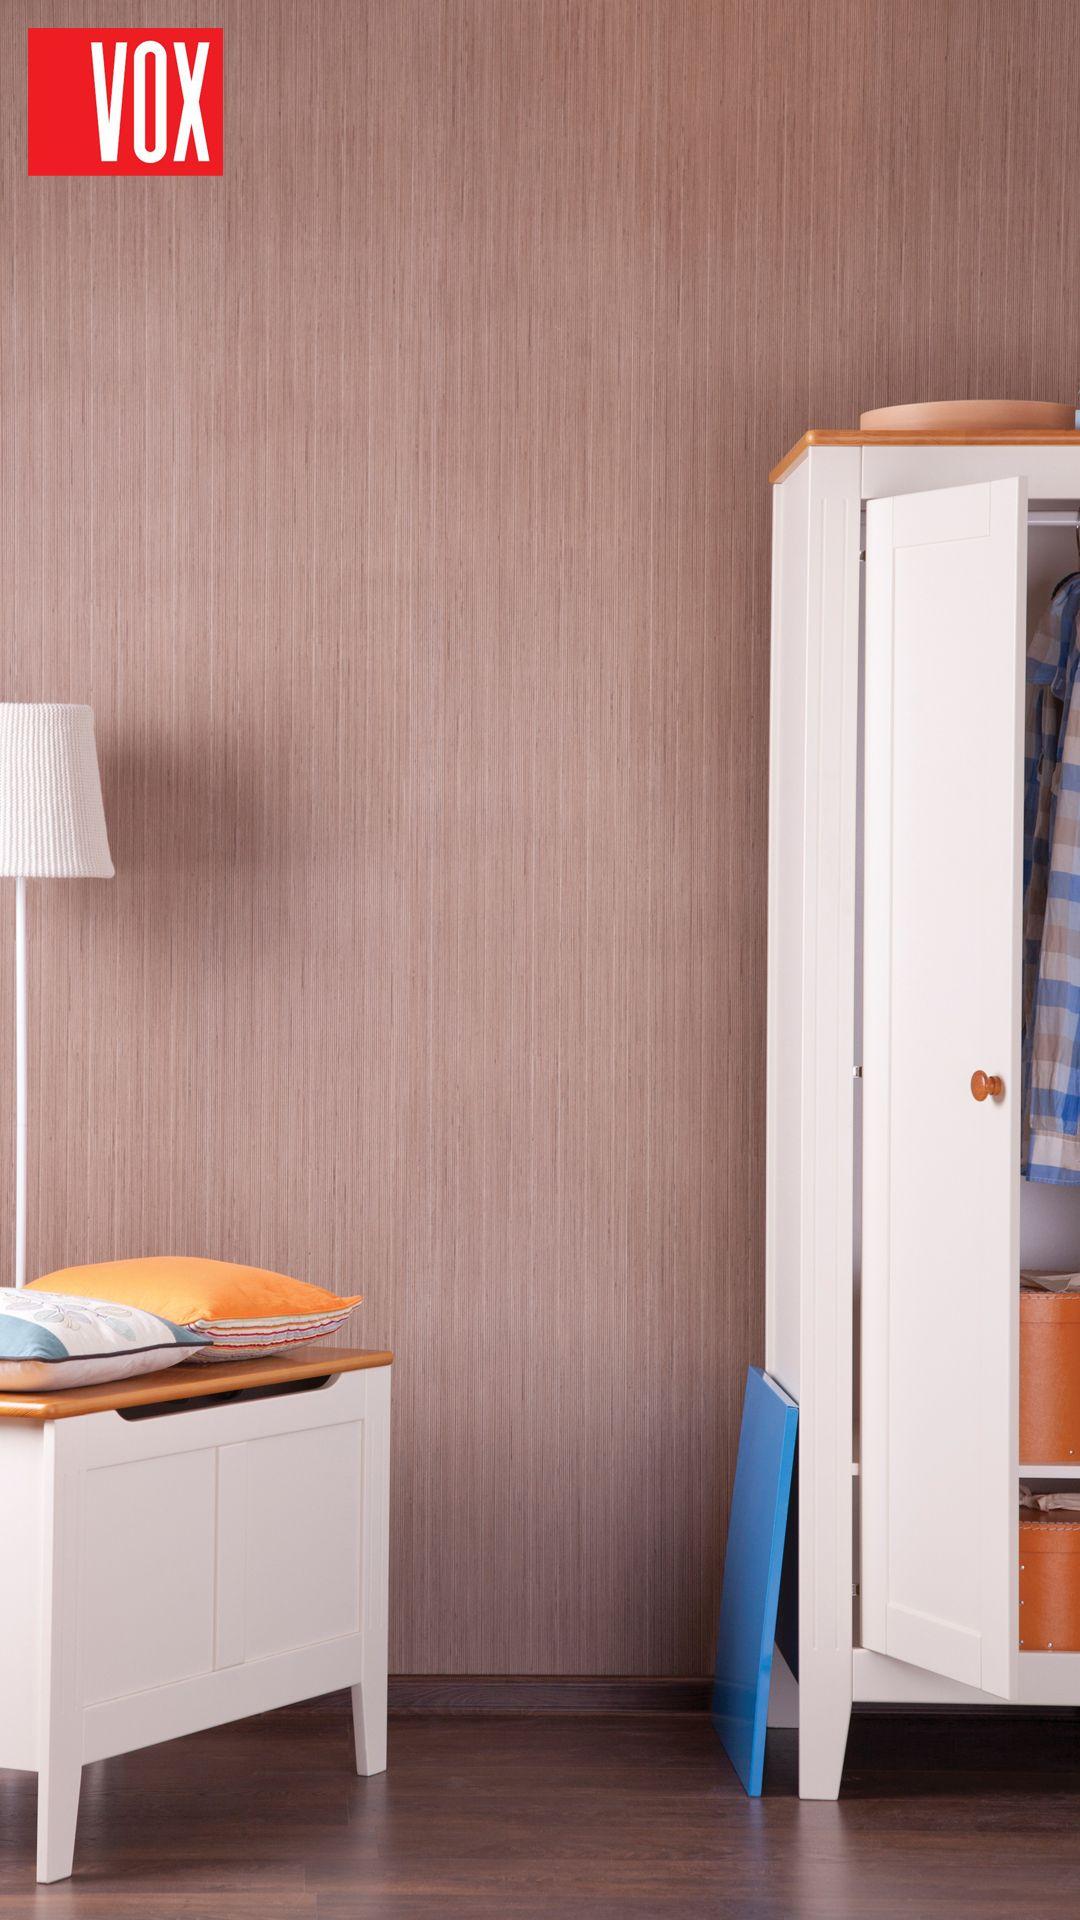 Profile Vox Linea Marron Panele Dekoracyjne Decorative